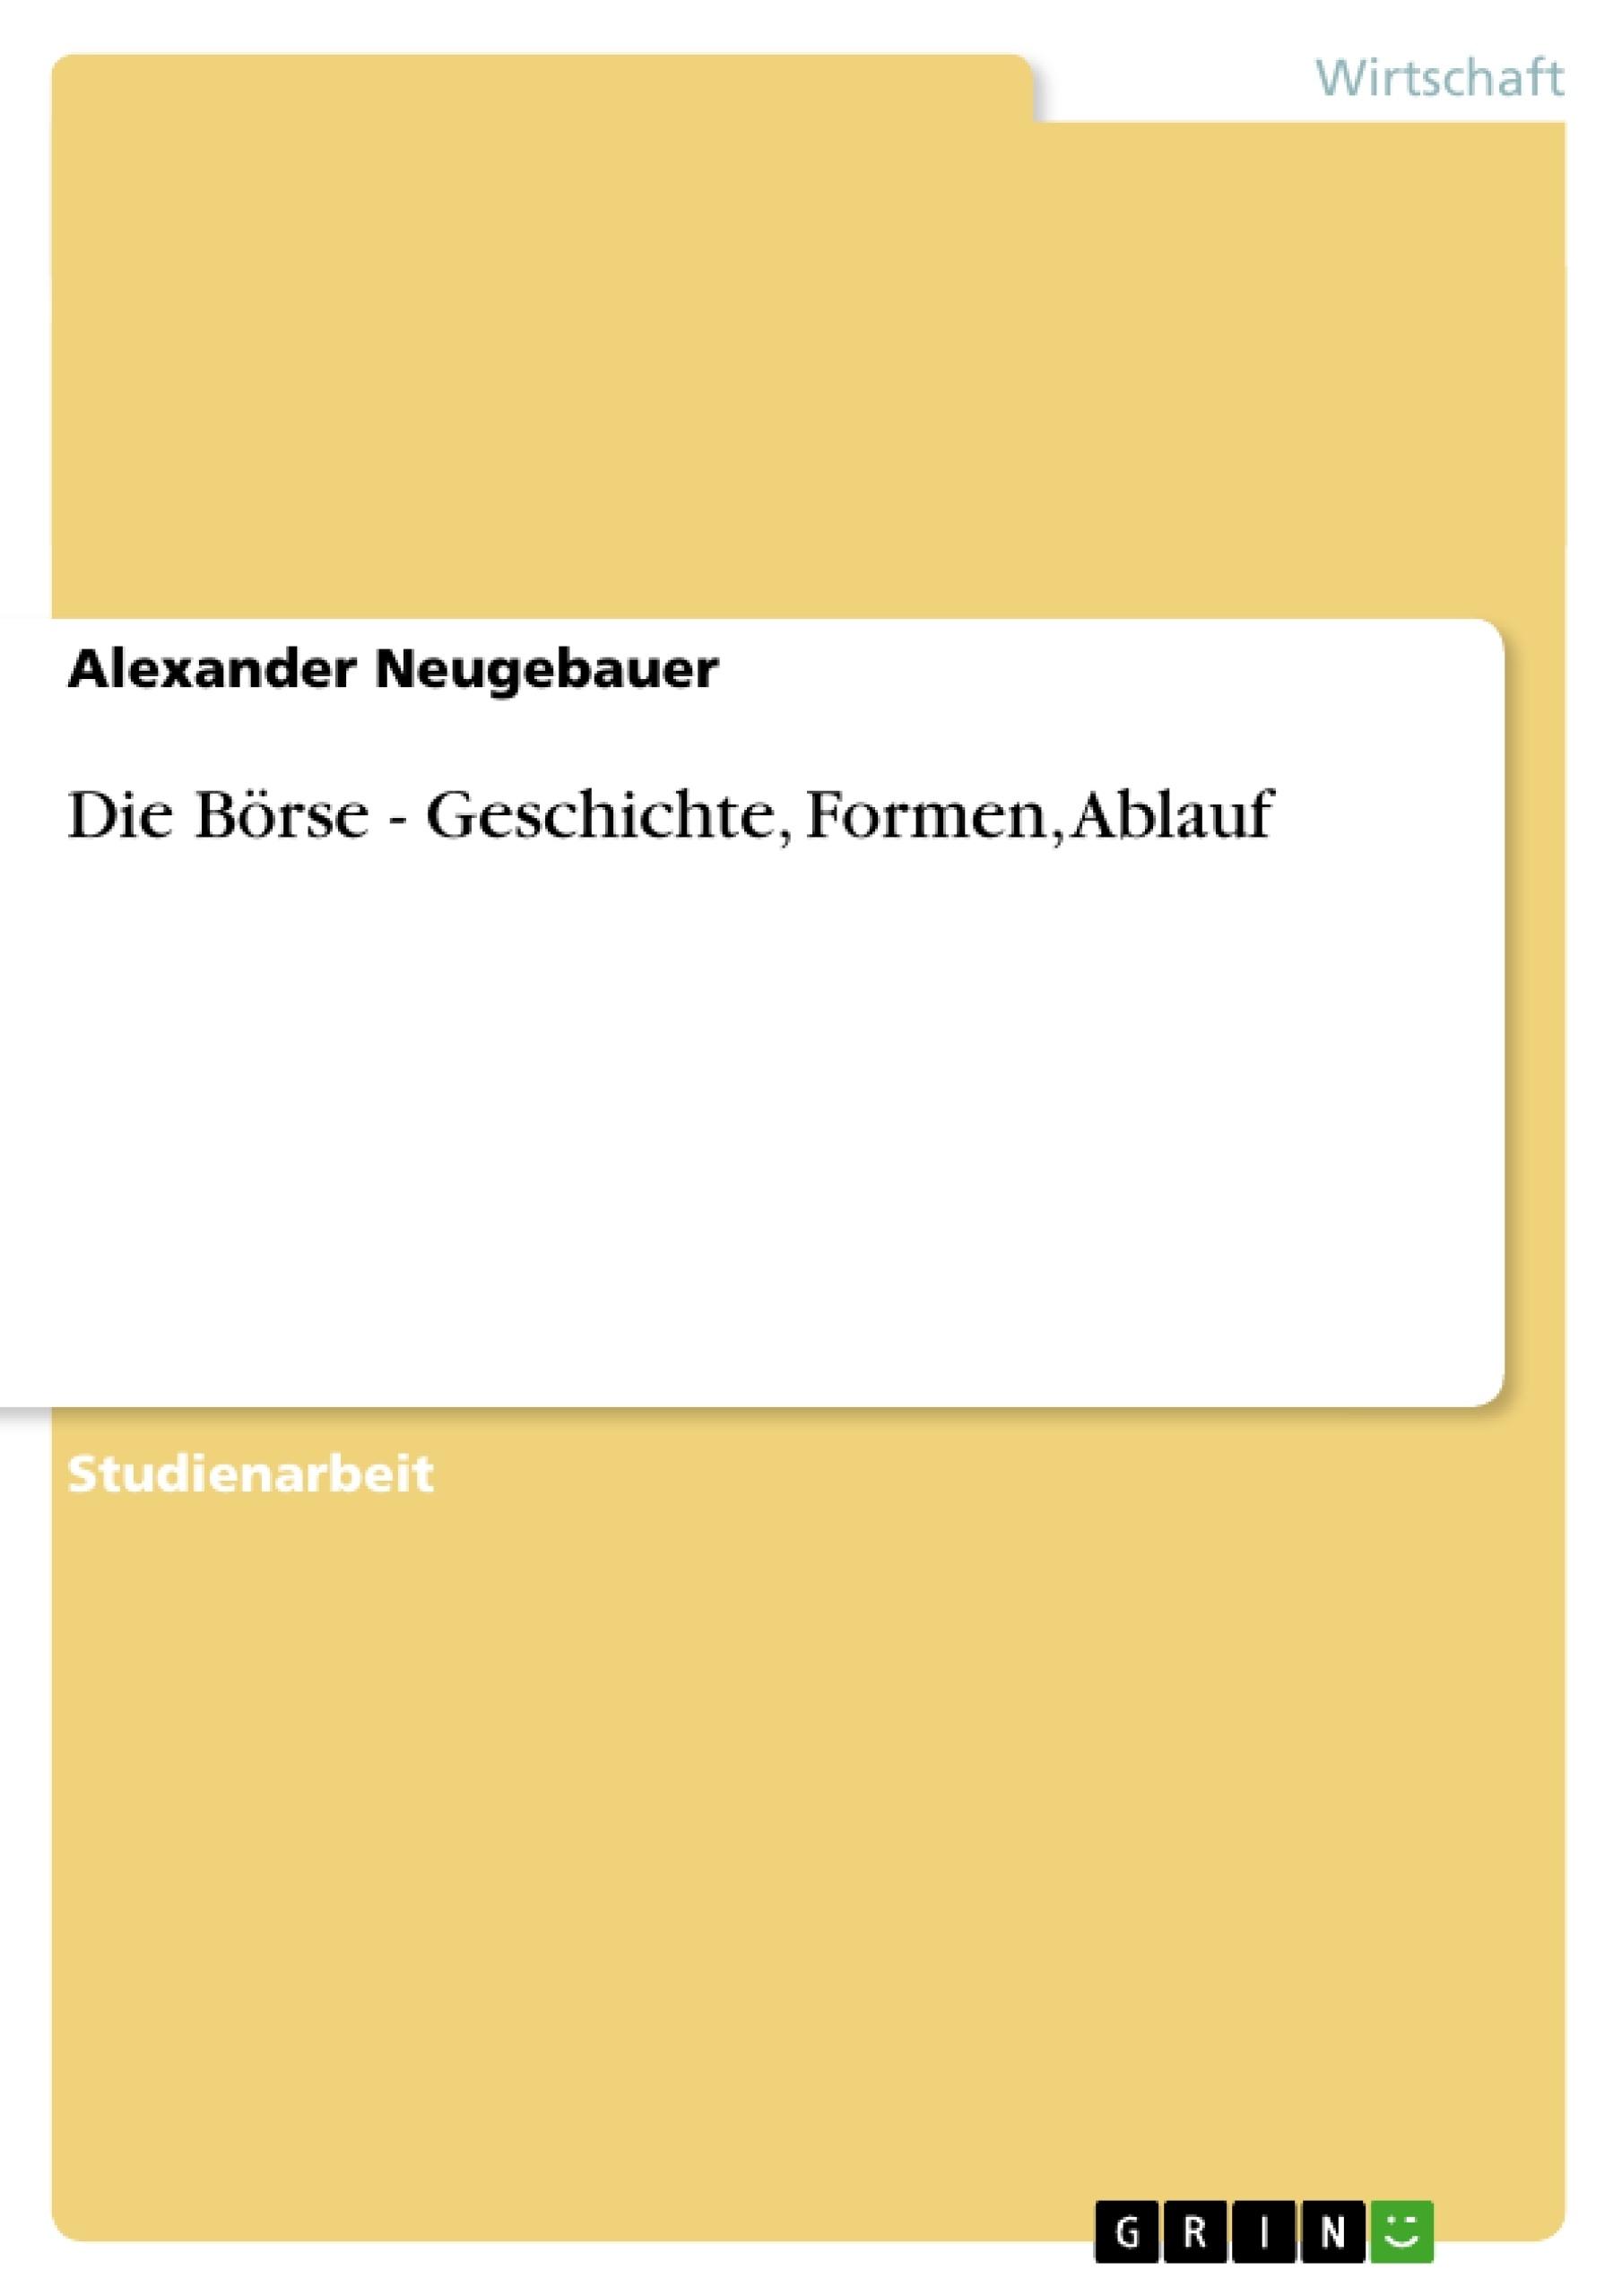 Titel: Die Börse - Geschichte, Formen, Ablauf